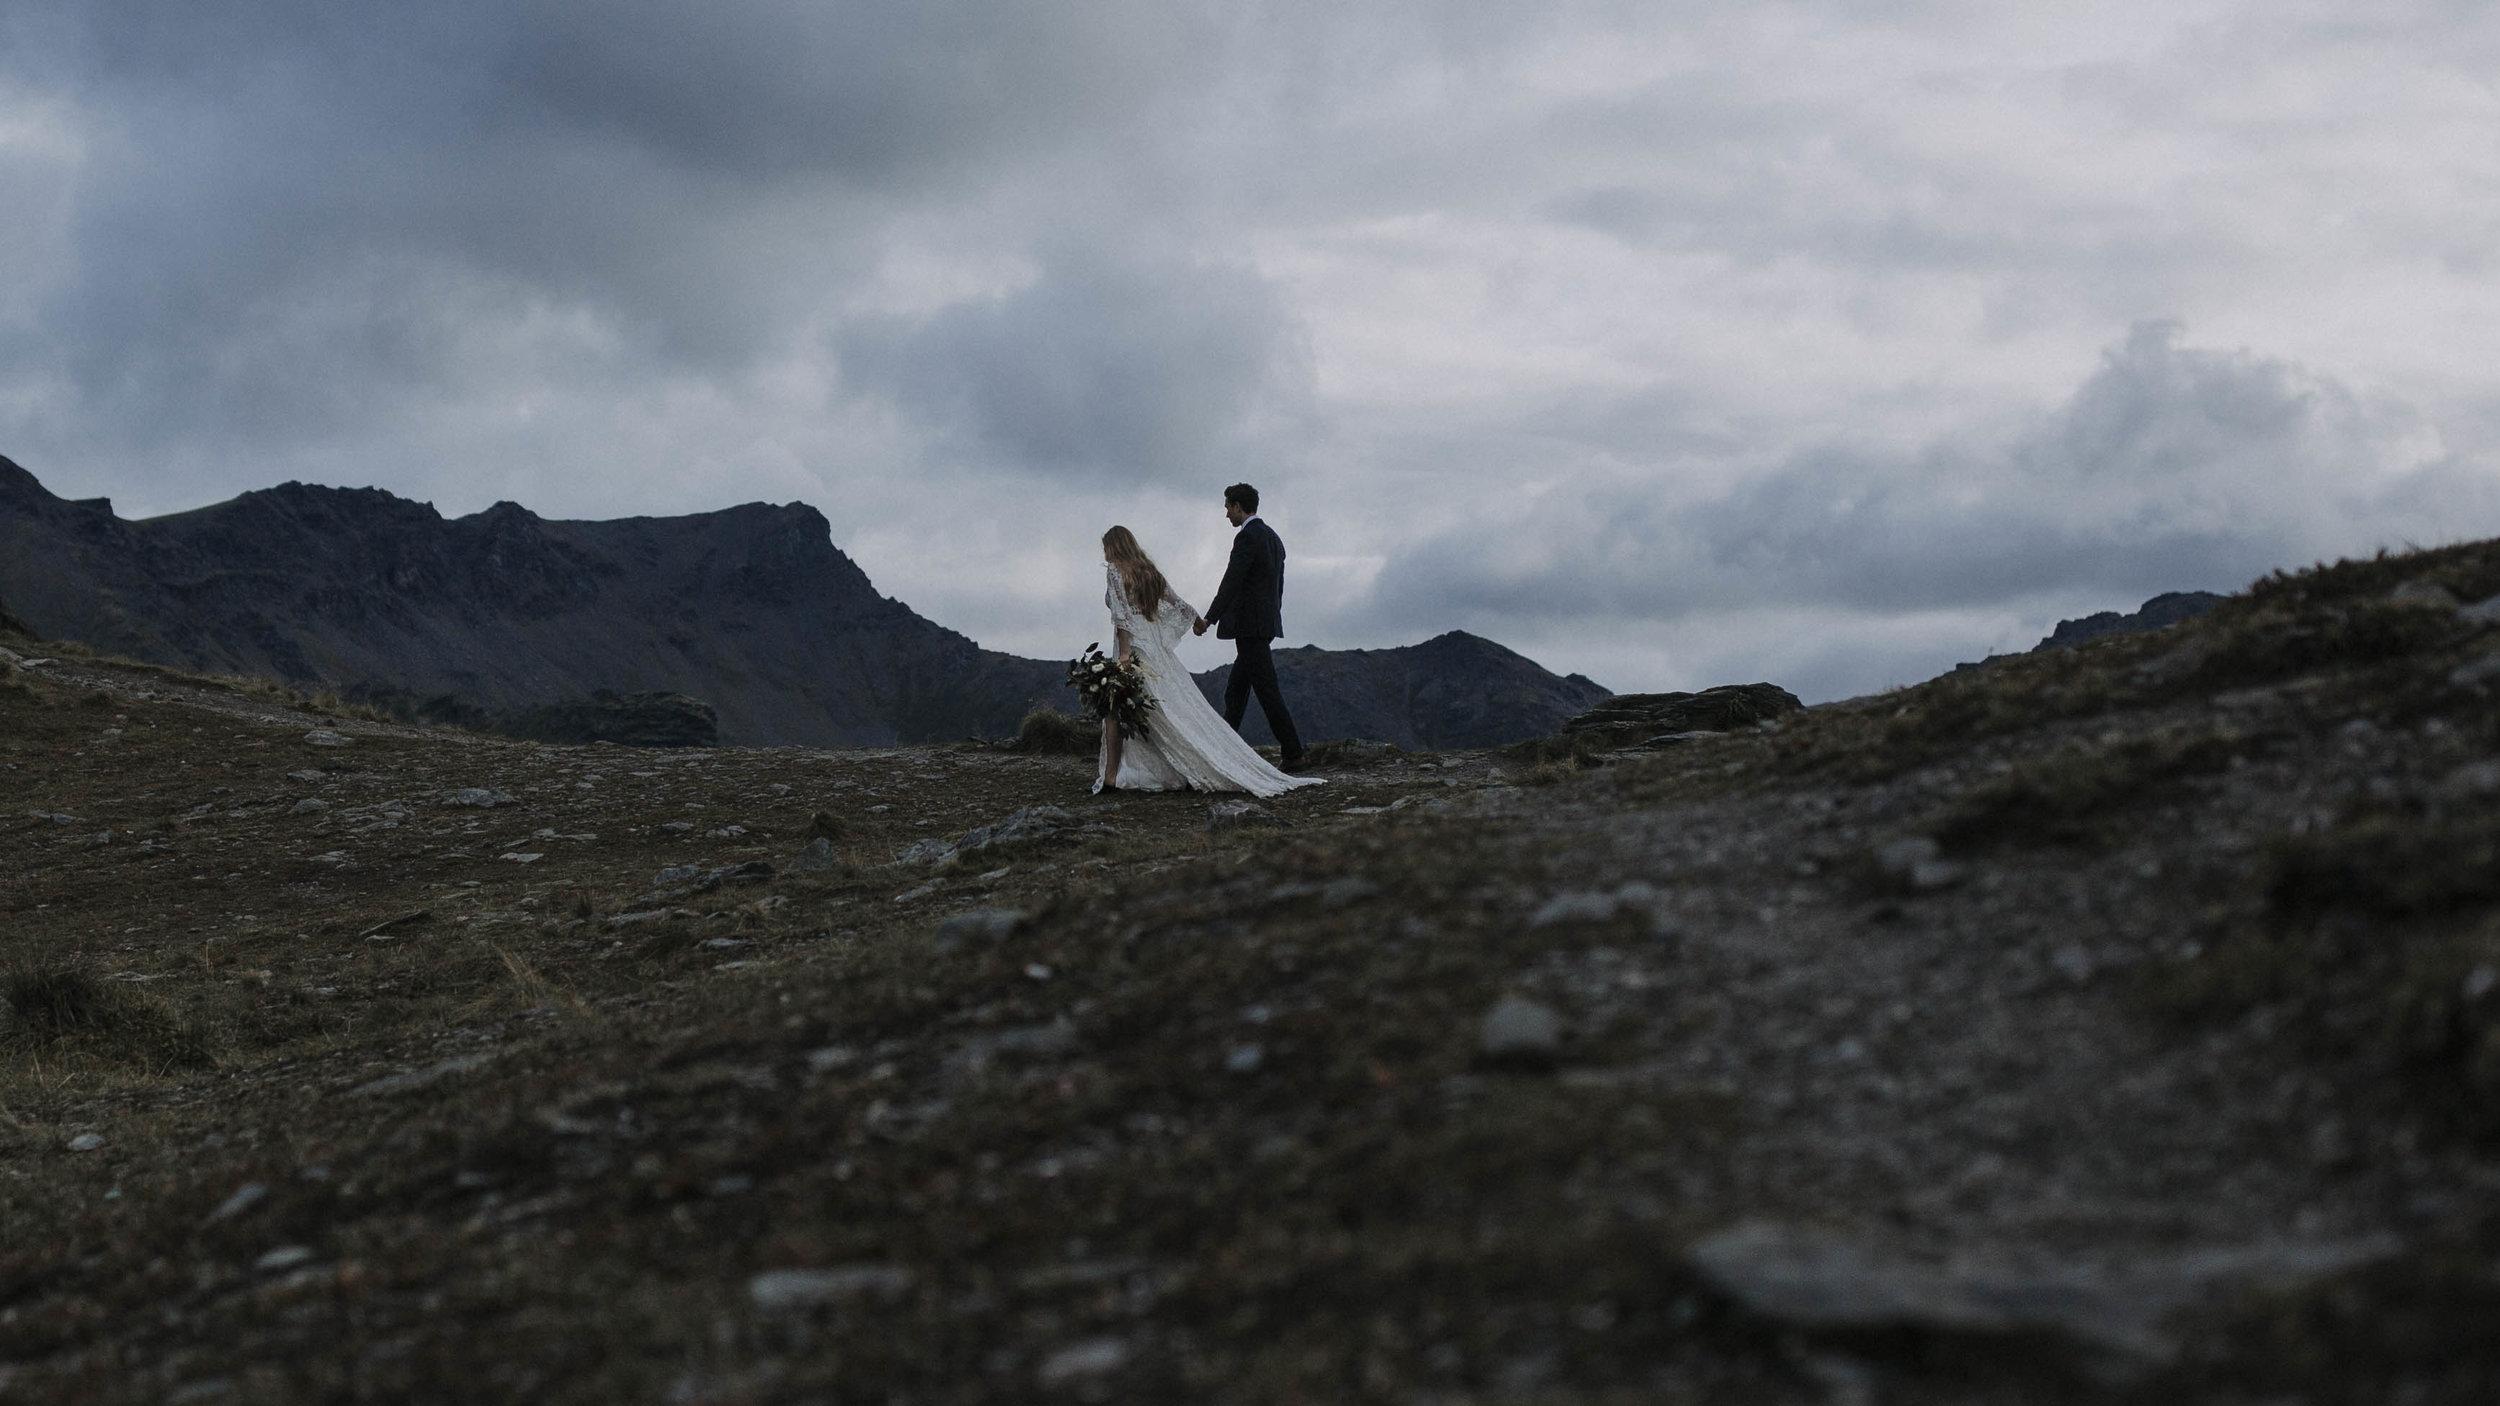 ariel-lynn-alaska-elopement-mountain-inspiration-24.jpg